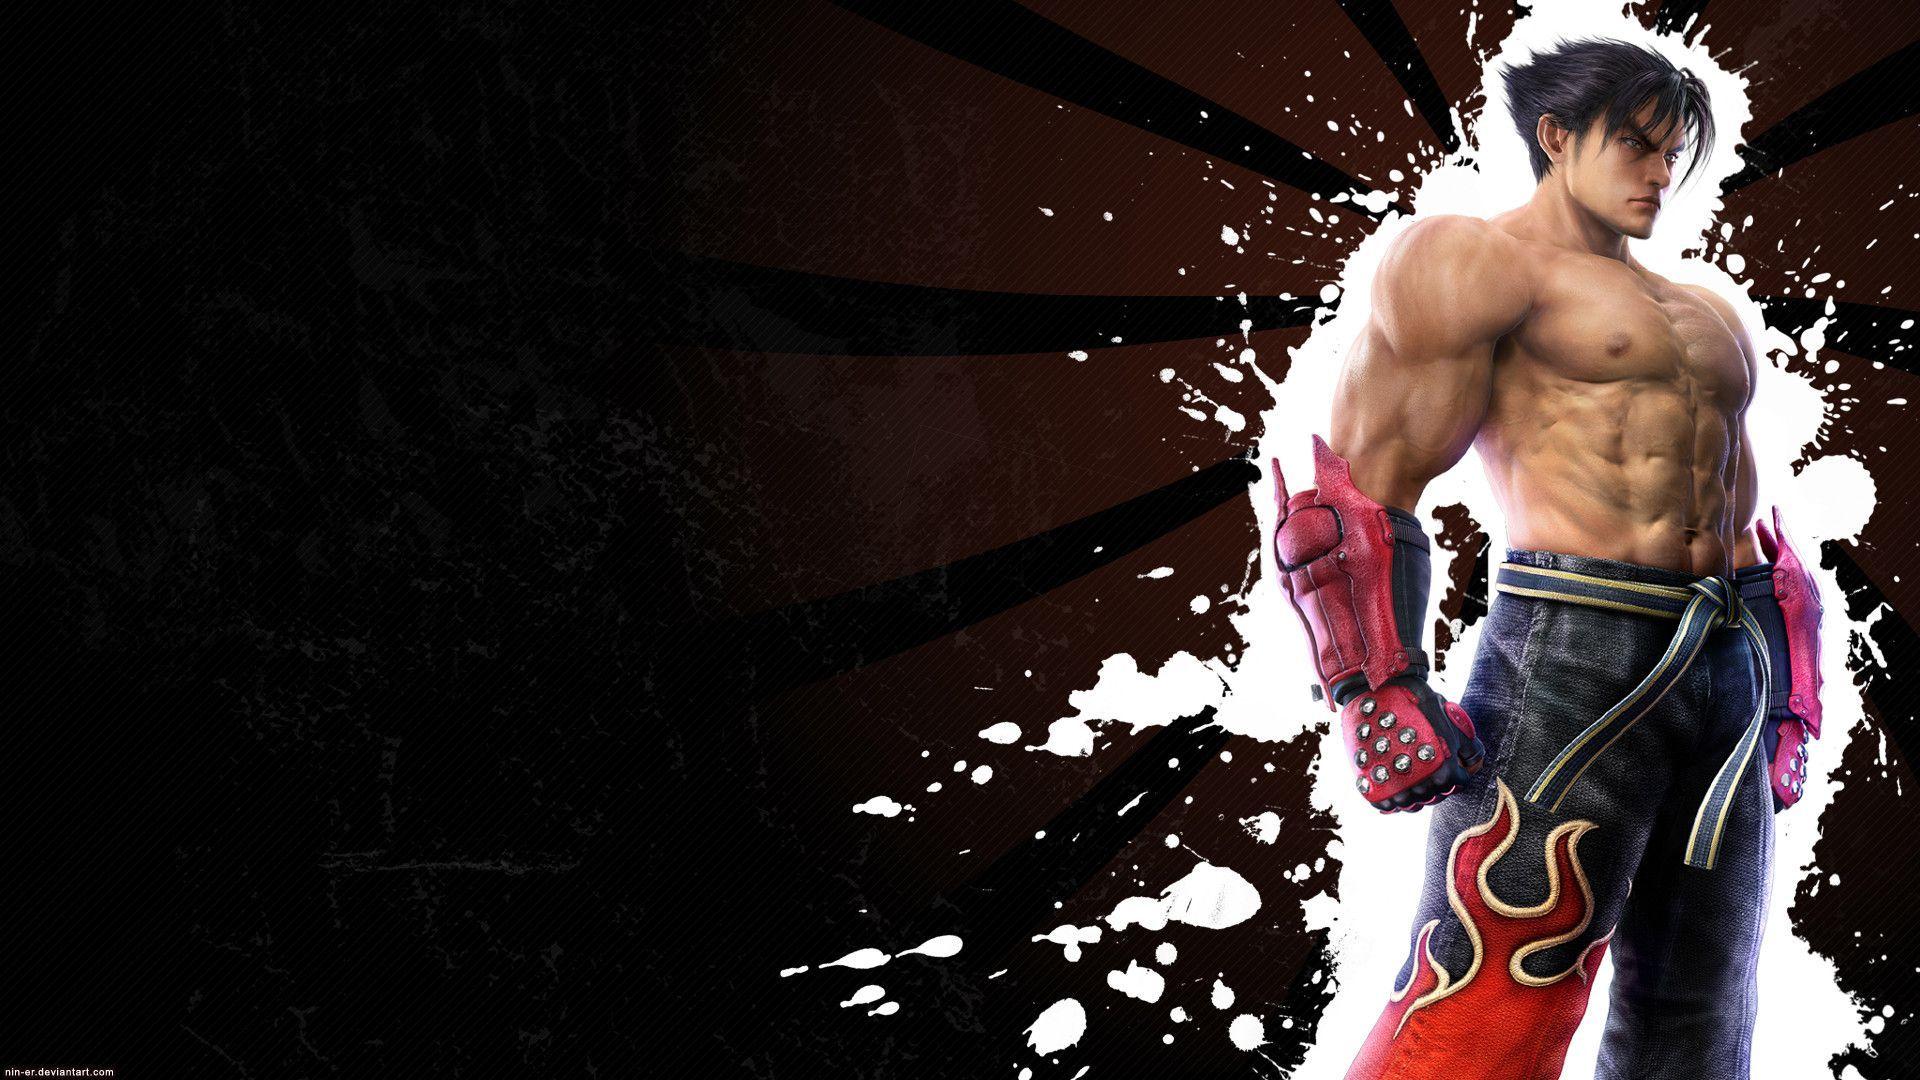 Tekken 6 Hd Wallpapers